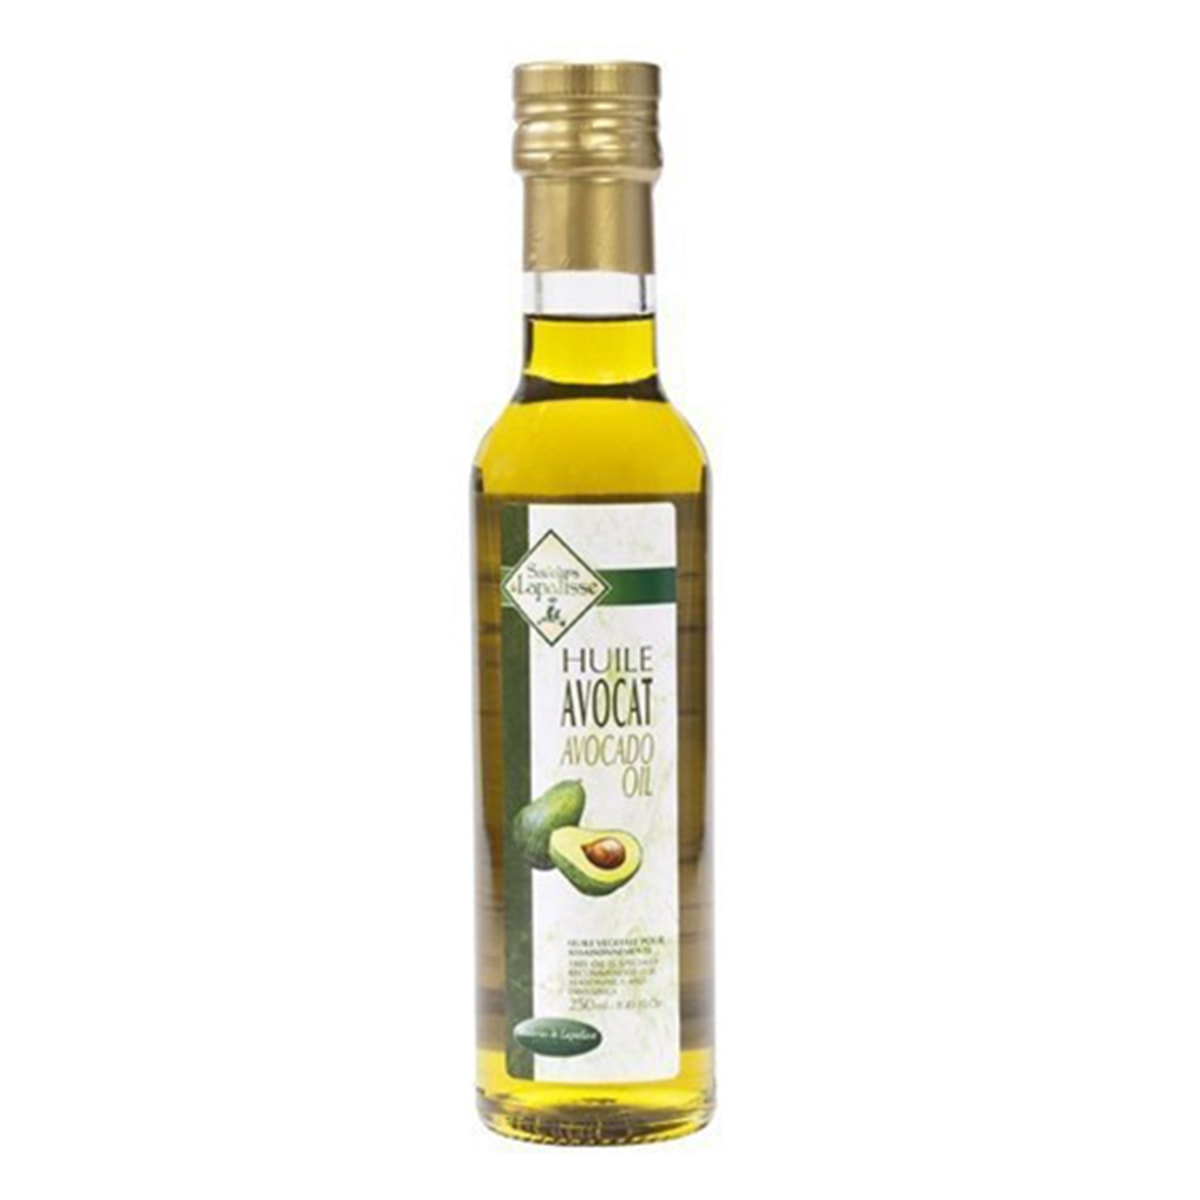 Buy Saveurs De Lapalisse Huile De Avocat (100% Pure Avocado Oil) - 250 ml